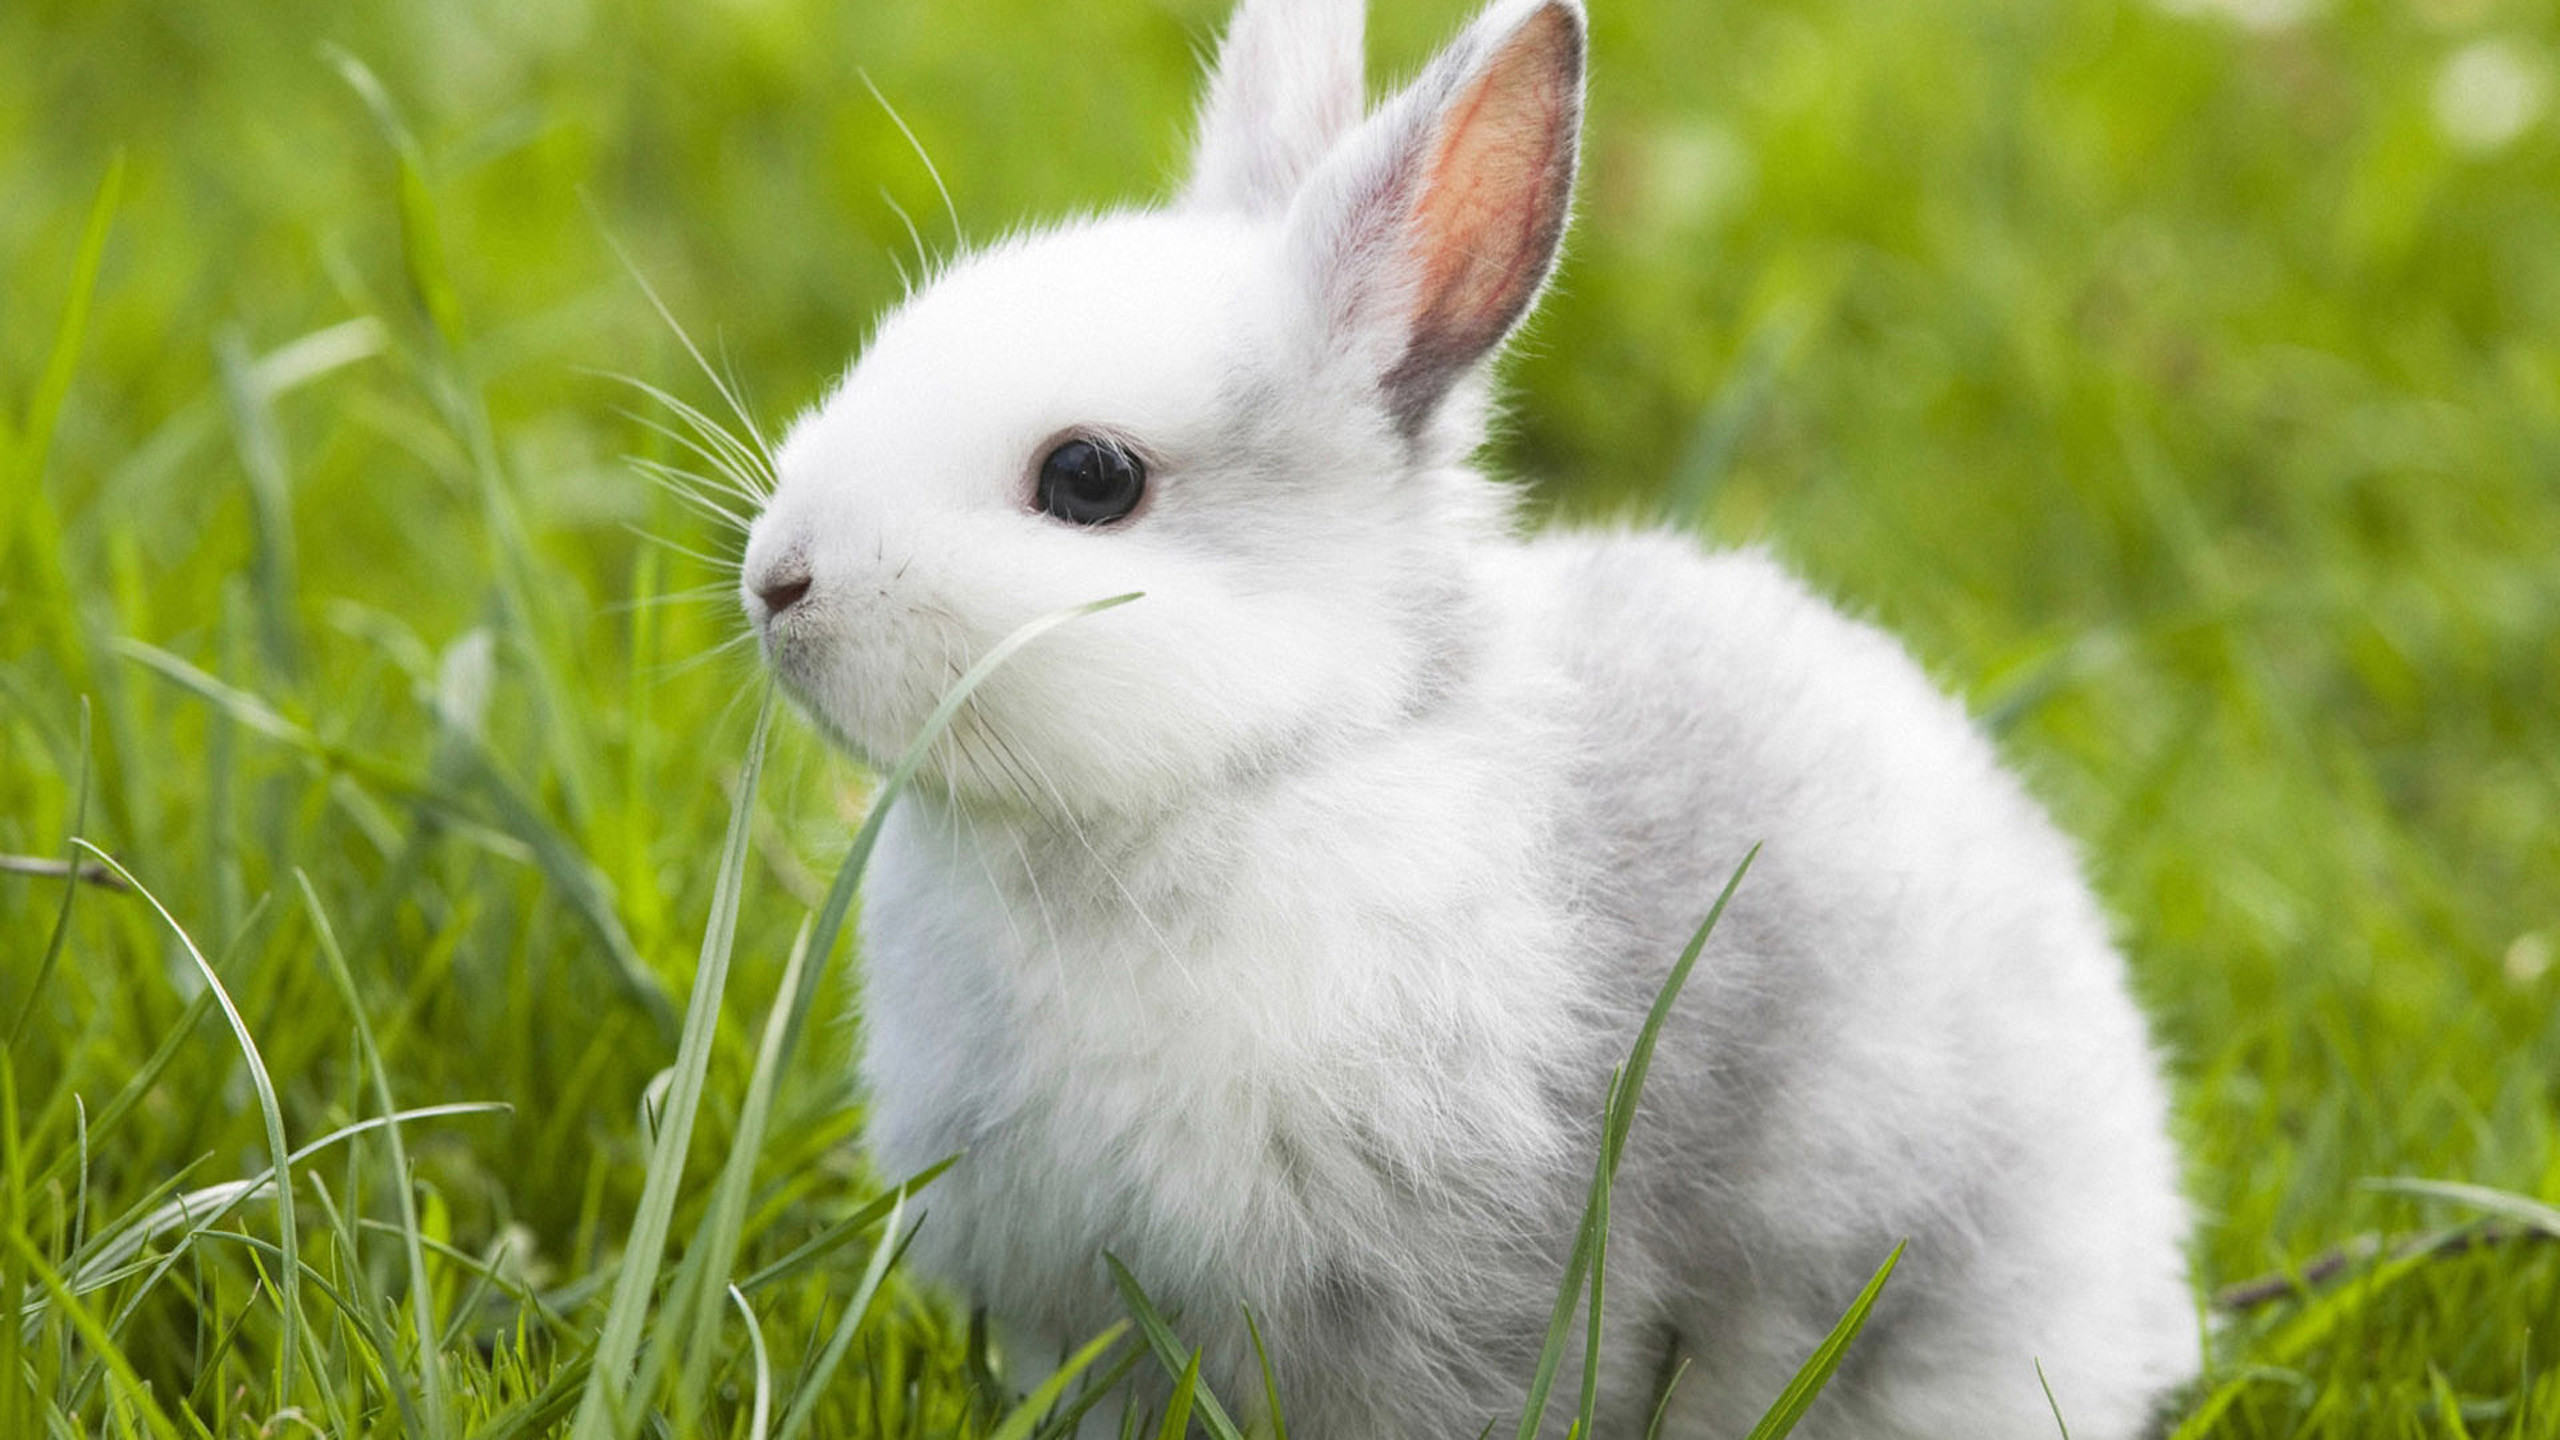 1920x1080 Cute Bunny Hd Wall